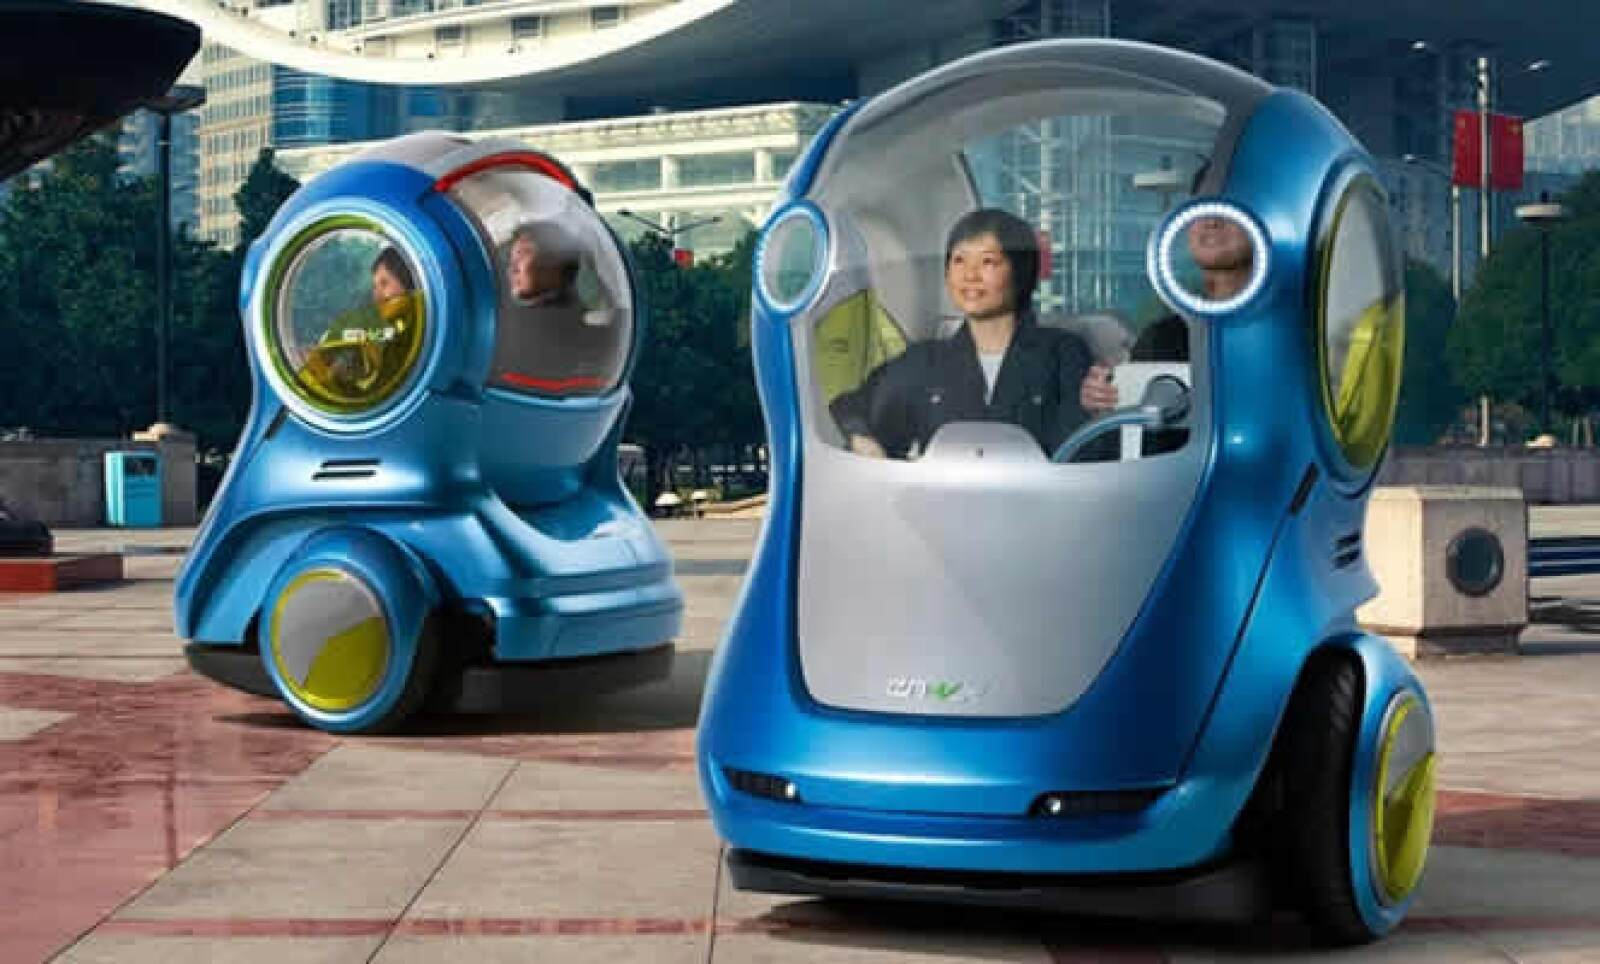 Según un estudio de General Motors, antes del 2030, las áreas urbanas albergarán a más del 60 por ciento de los 8.000 millones de personas del mundo. Por ese motivo, General Motors, presentó una nueva forma de vehículo llamado EN-V.